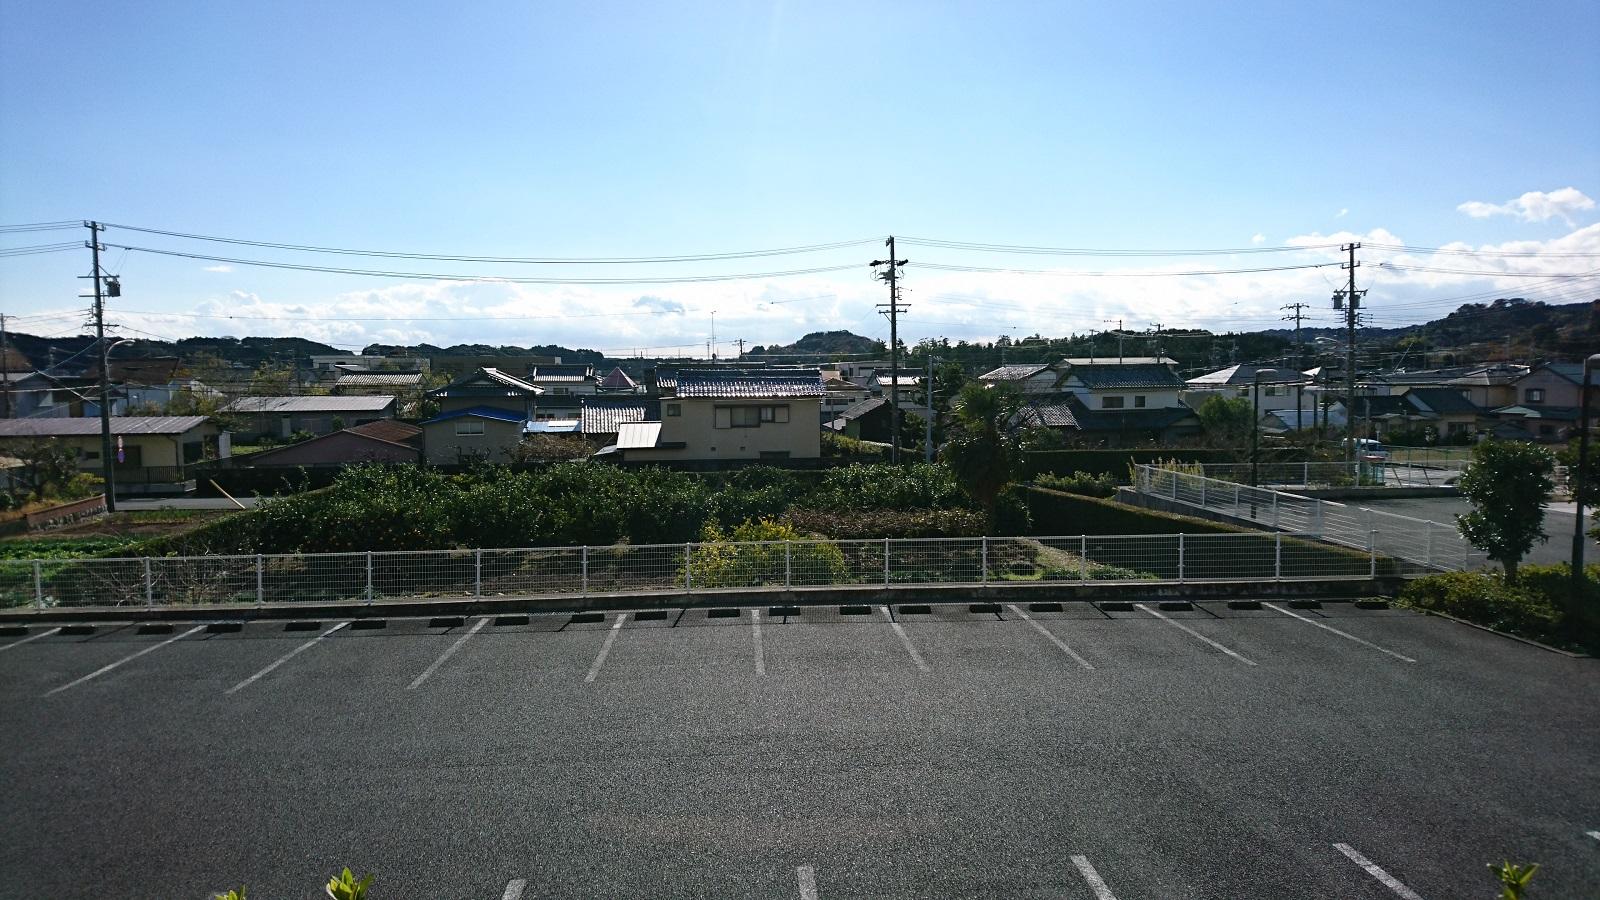 2016.12.23 井伊谷 (9) まちなみ - ひだり 1600-900